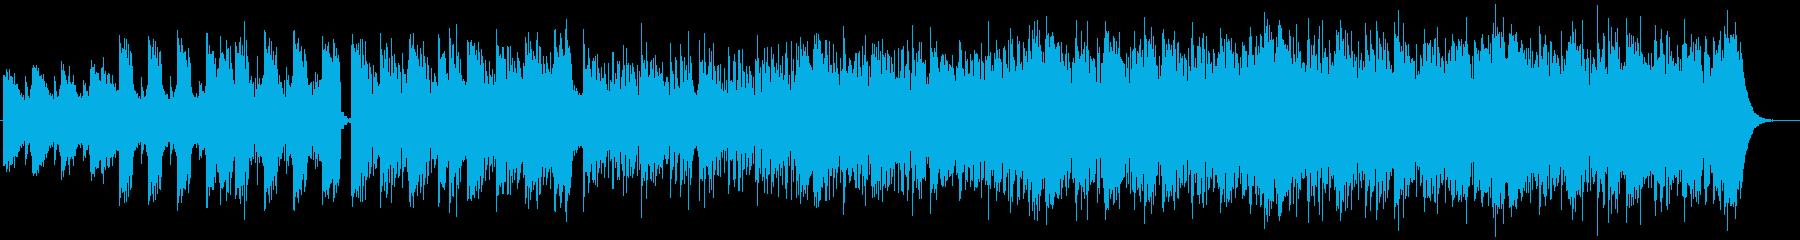 シンセ主導のクールなミニマルダブの再生済みの波形